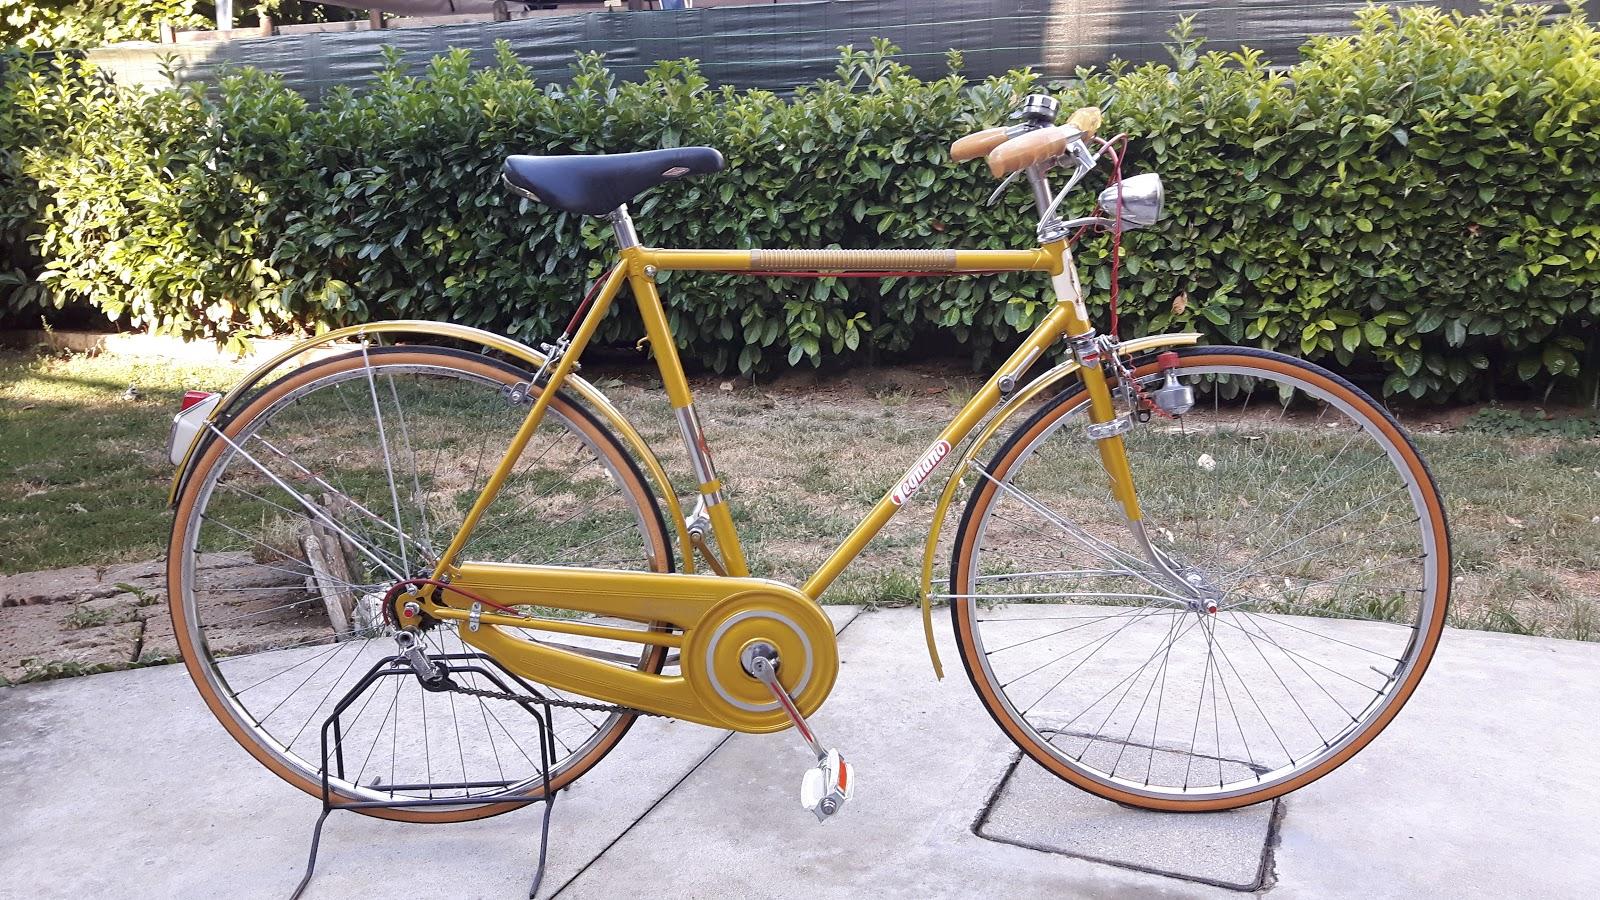 Biciclette Epoca By Vallo64 Legnano Sport 1962 By Ale